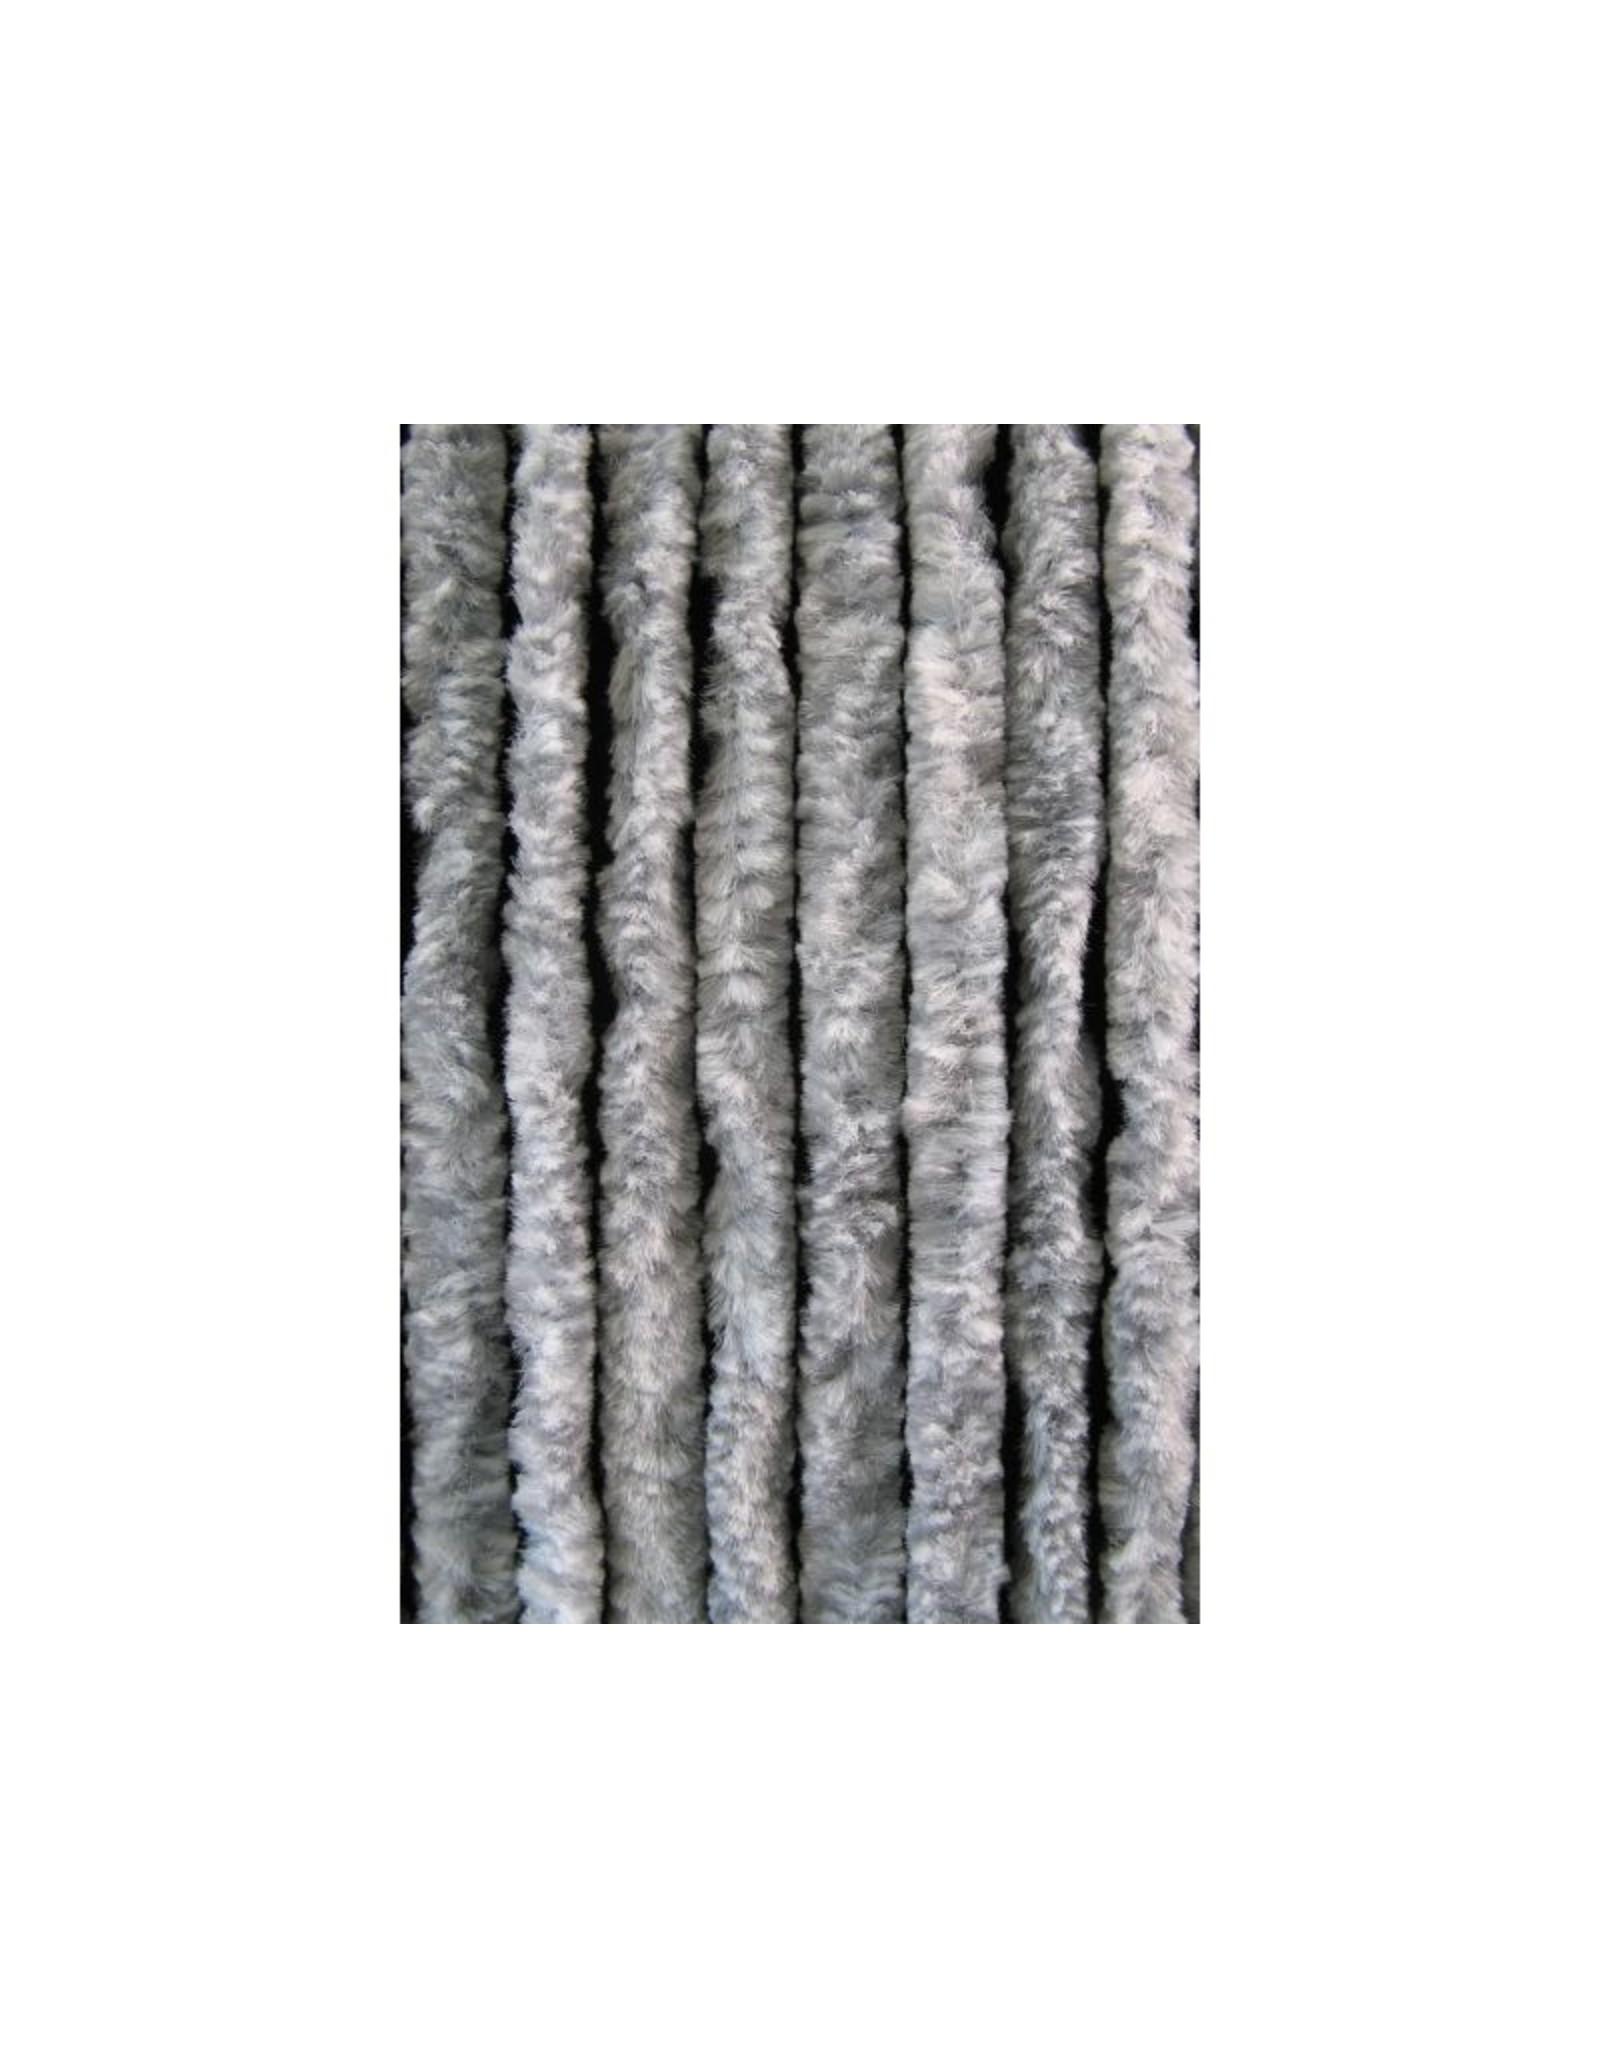 Cortenda Kattenstaart Vliegengordijn - Grijs/Wit - 90 x 220 cm